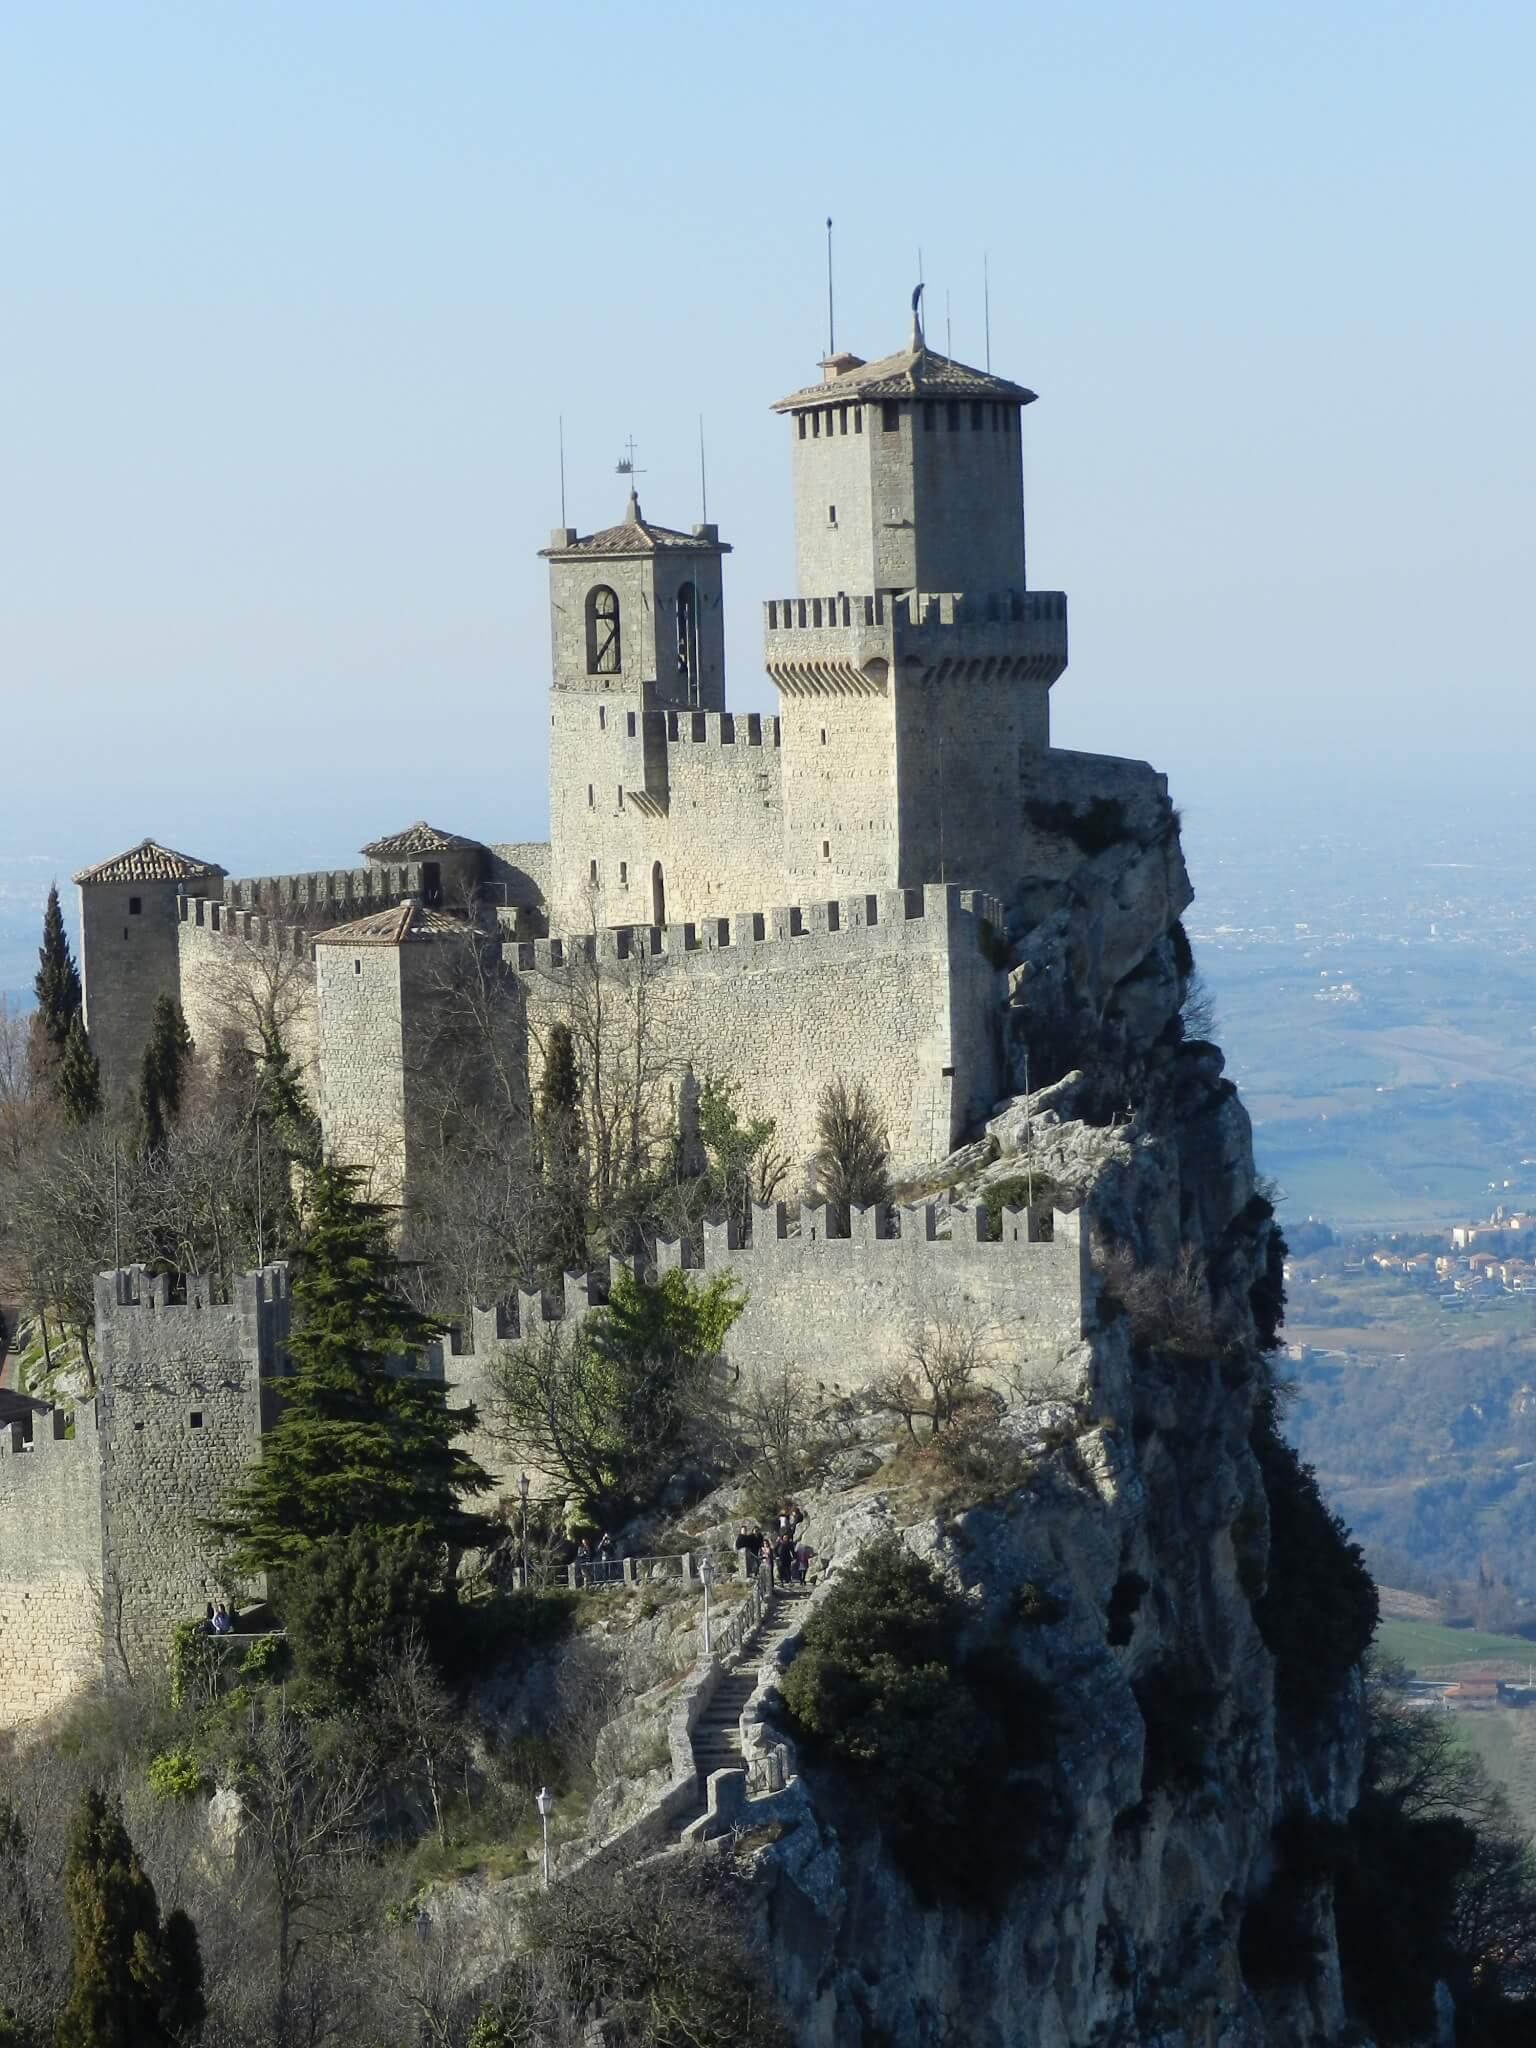 San Marino tower, Italy